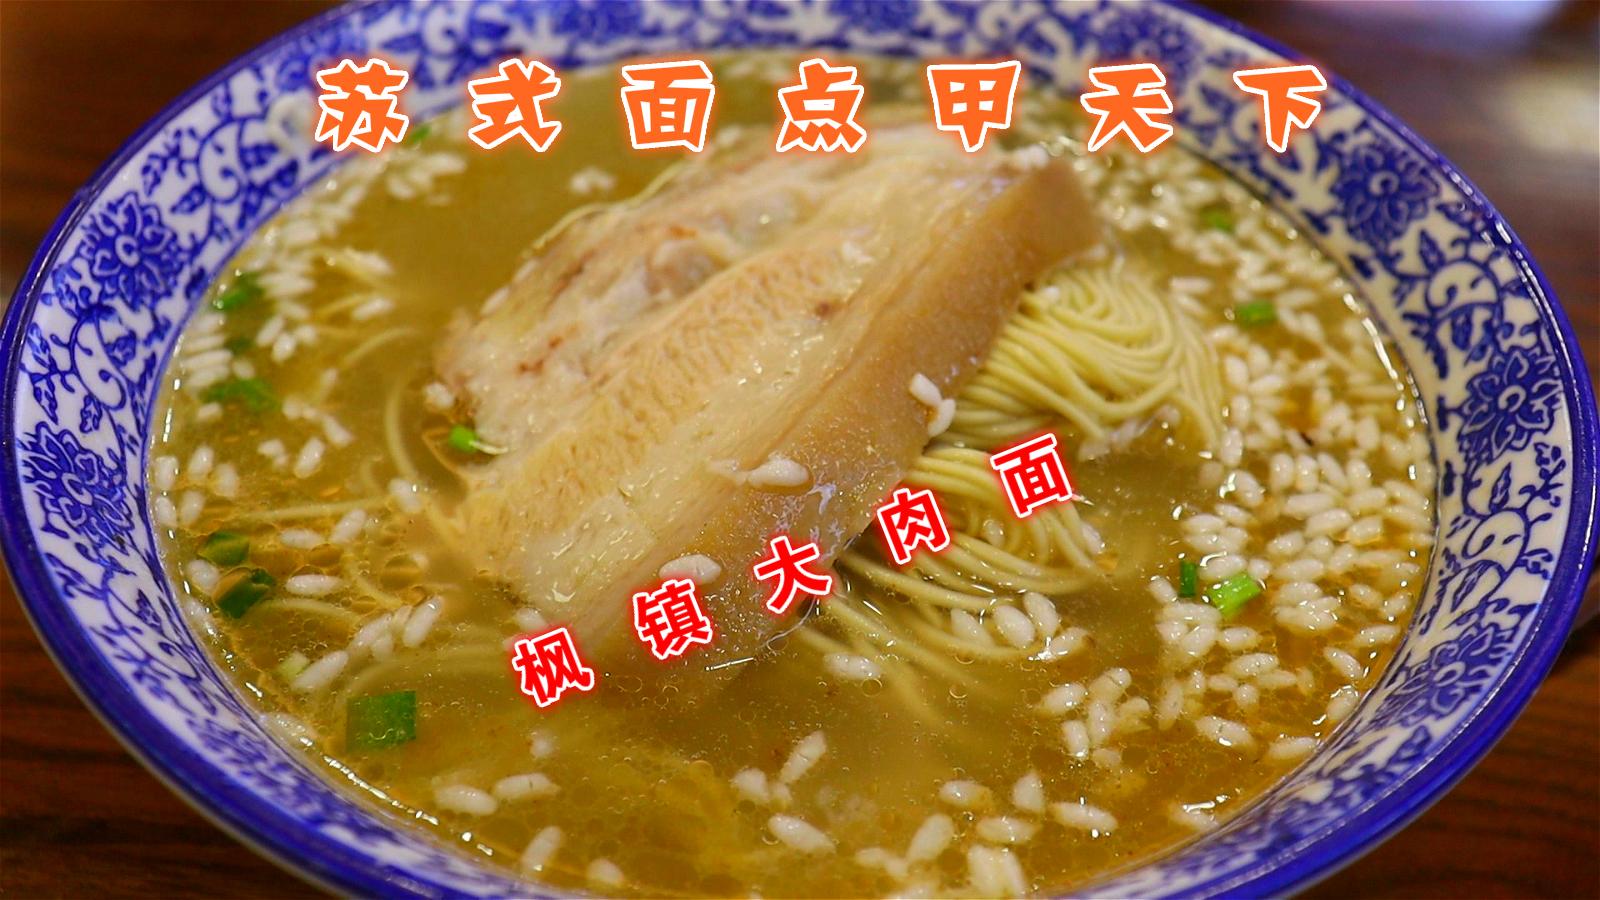 舌尖上的中国,苏式面的代表?可恶!枫镇大肉面的汤头为何如此鲜美!